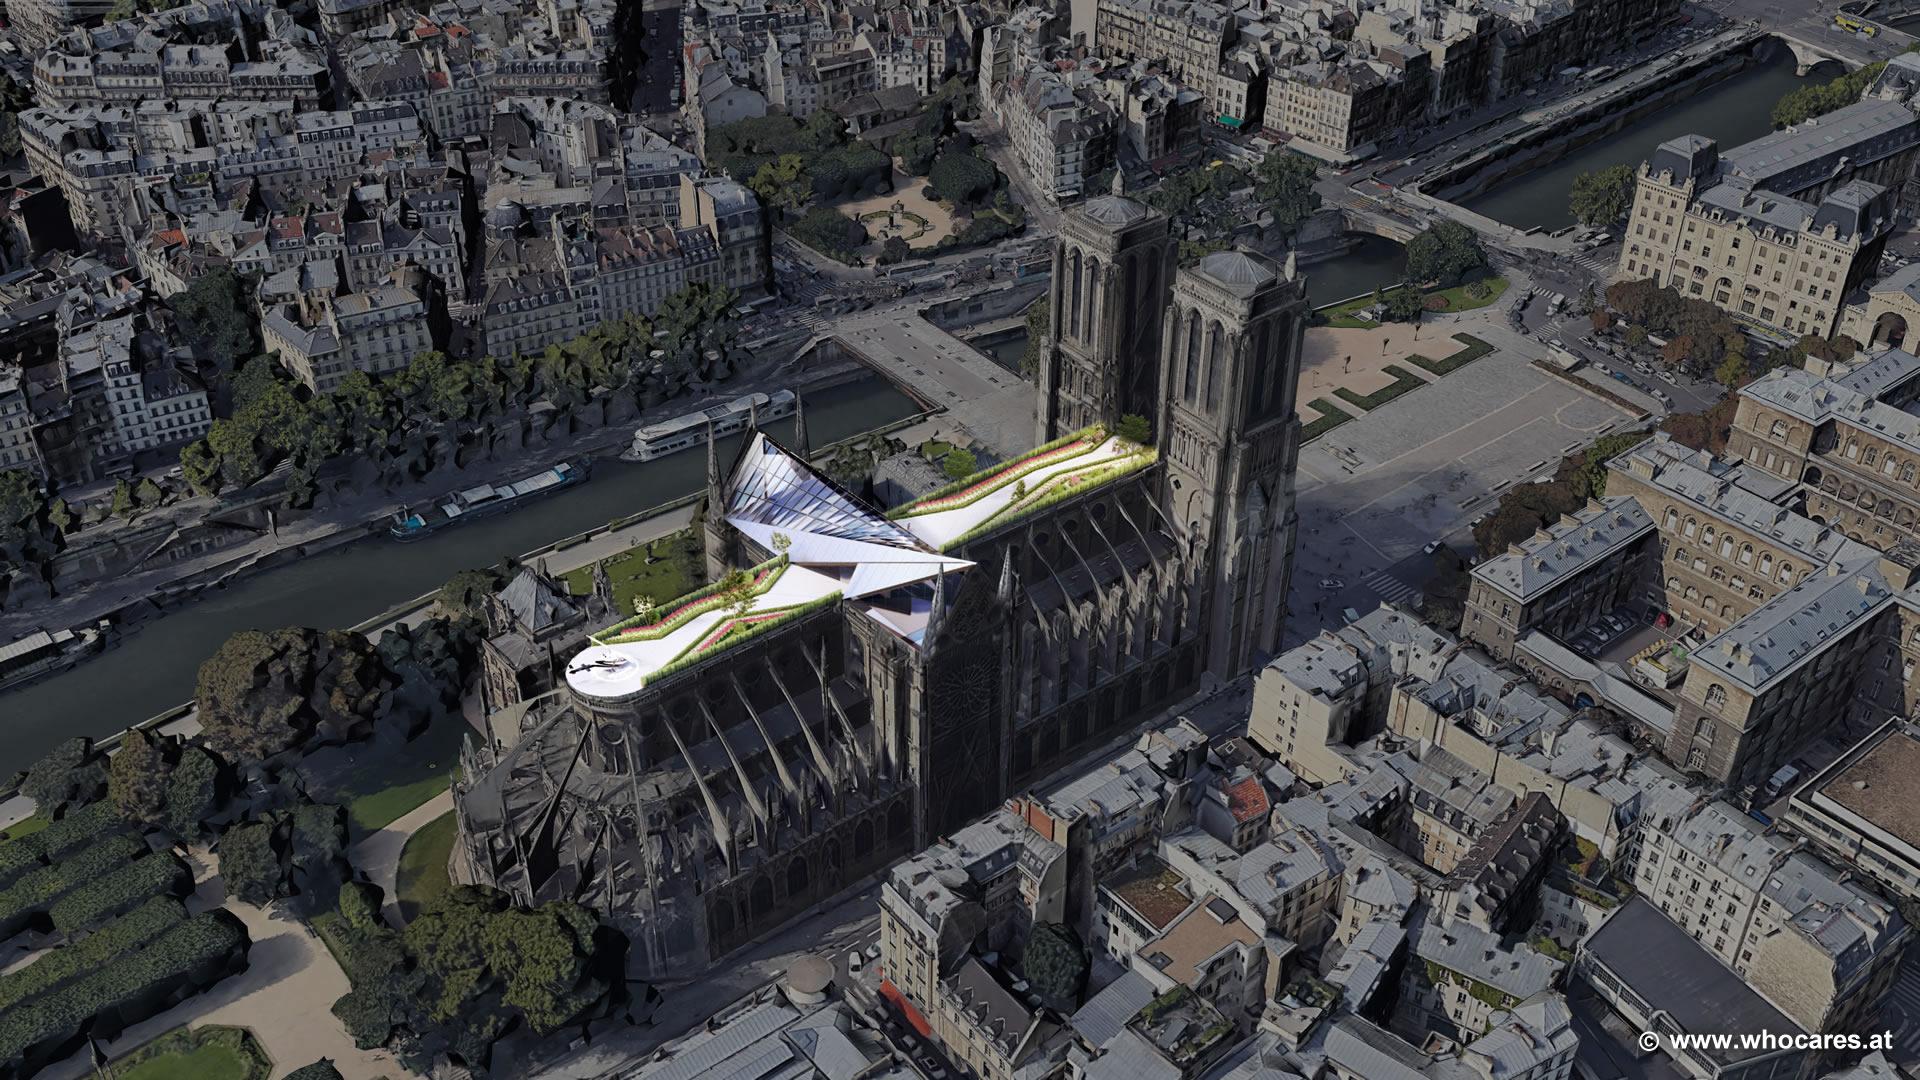 008_notredame_quasimodo_penthouse_aerial view_by_whocaresdesign.jpg